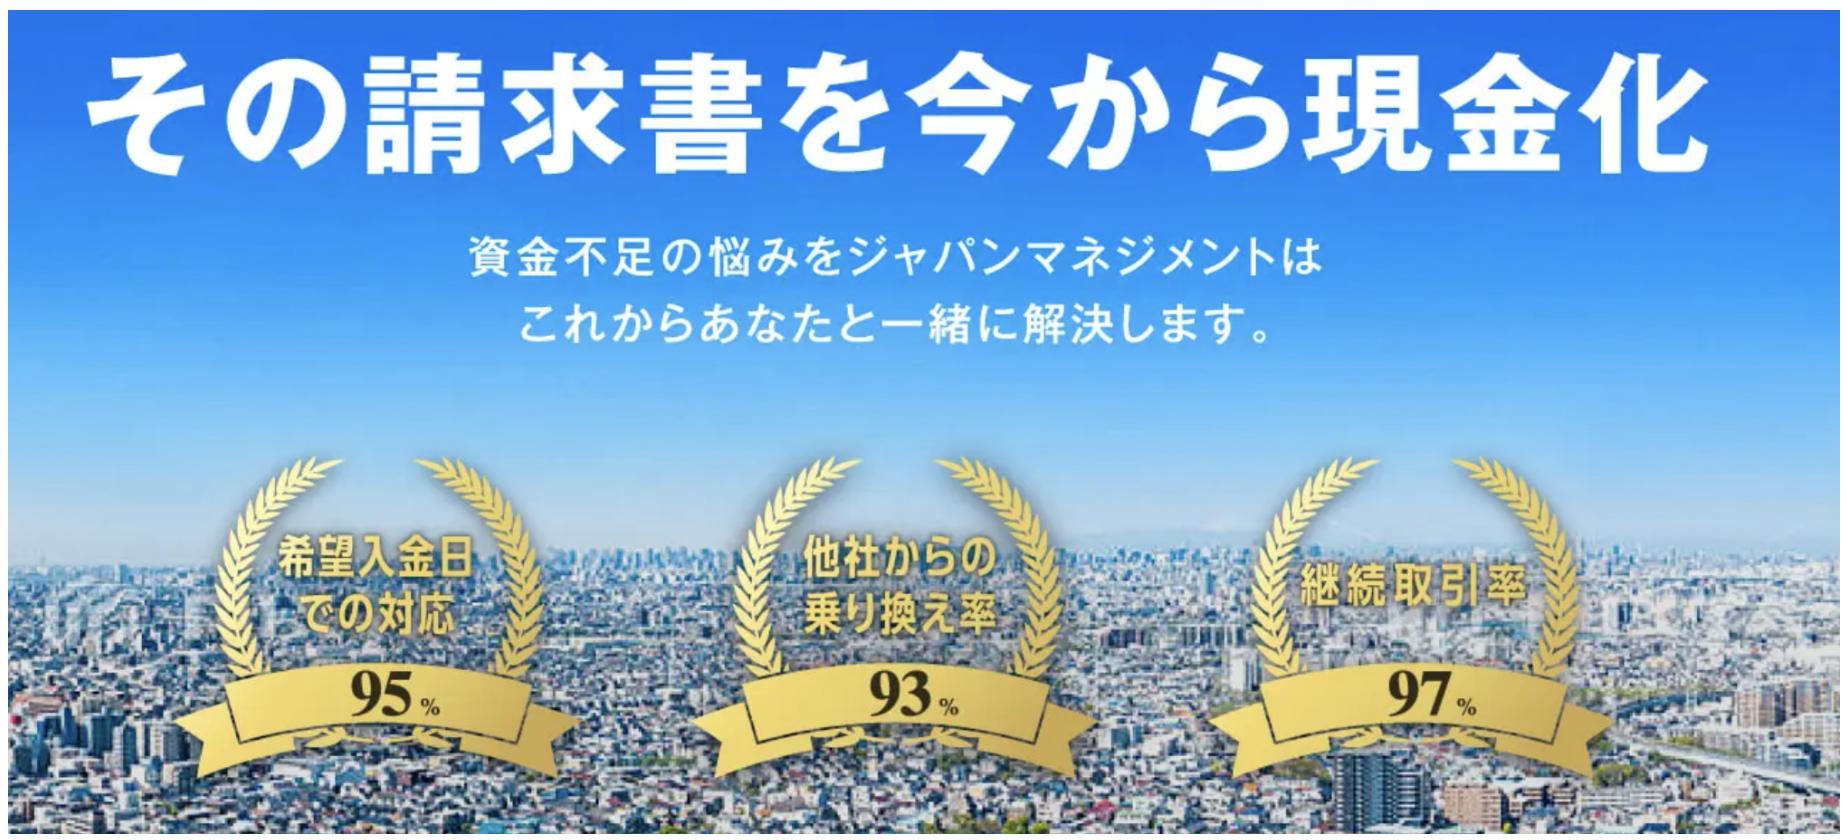 ファクタリング 大阪